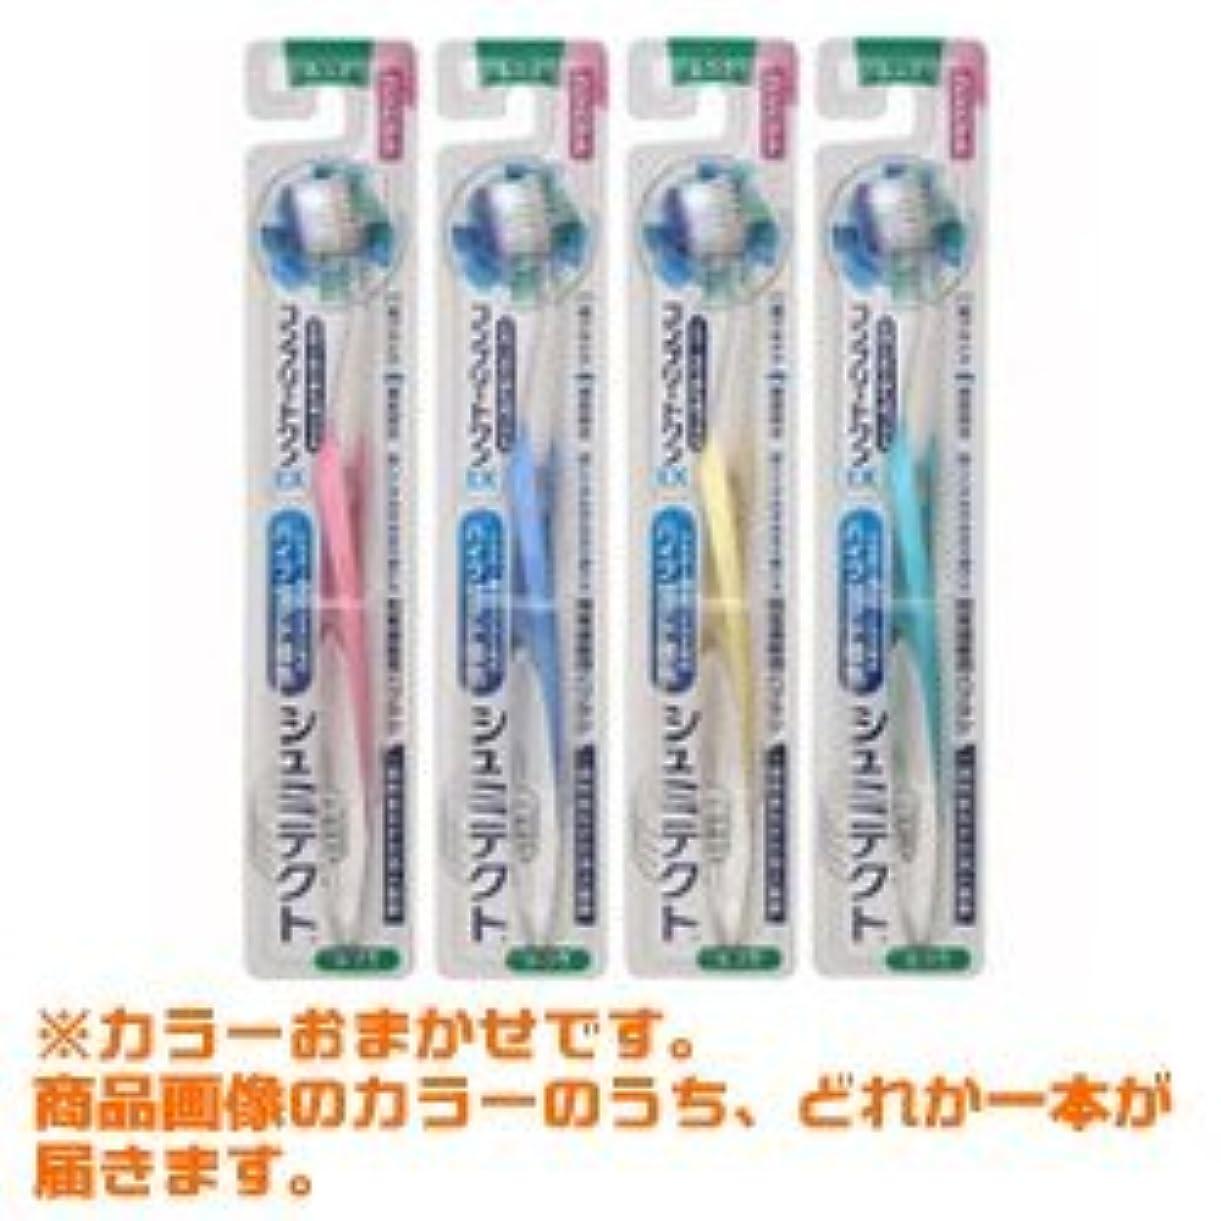 【アース製薬】シュミテクトコンプリートワンEXハブラシコンパクト ふつう 1本 (カラーおまかせ) ×20個セット